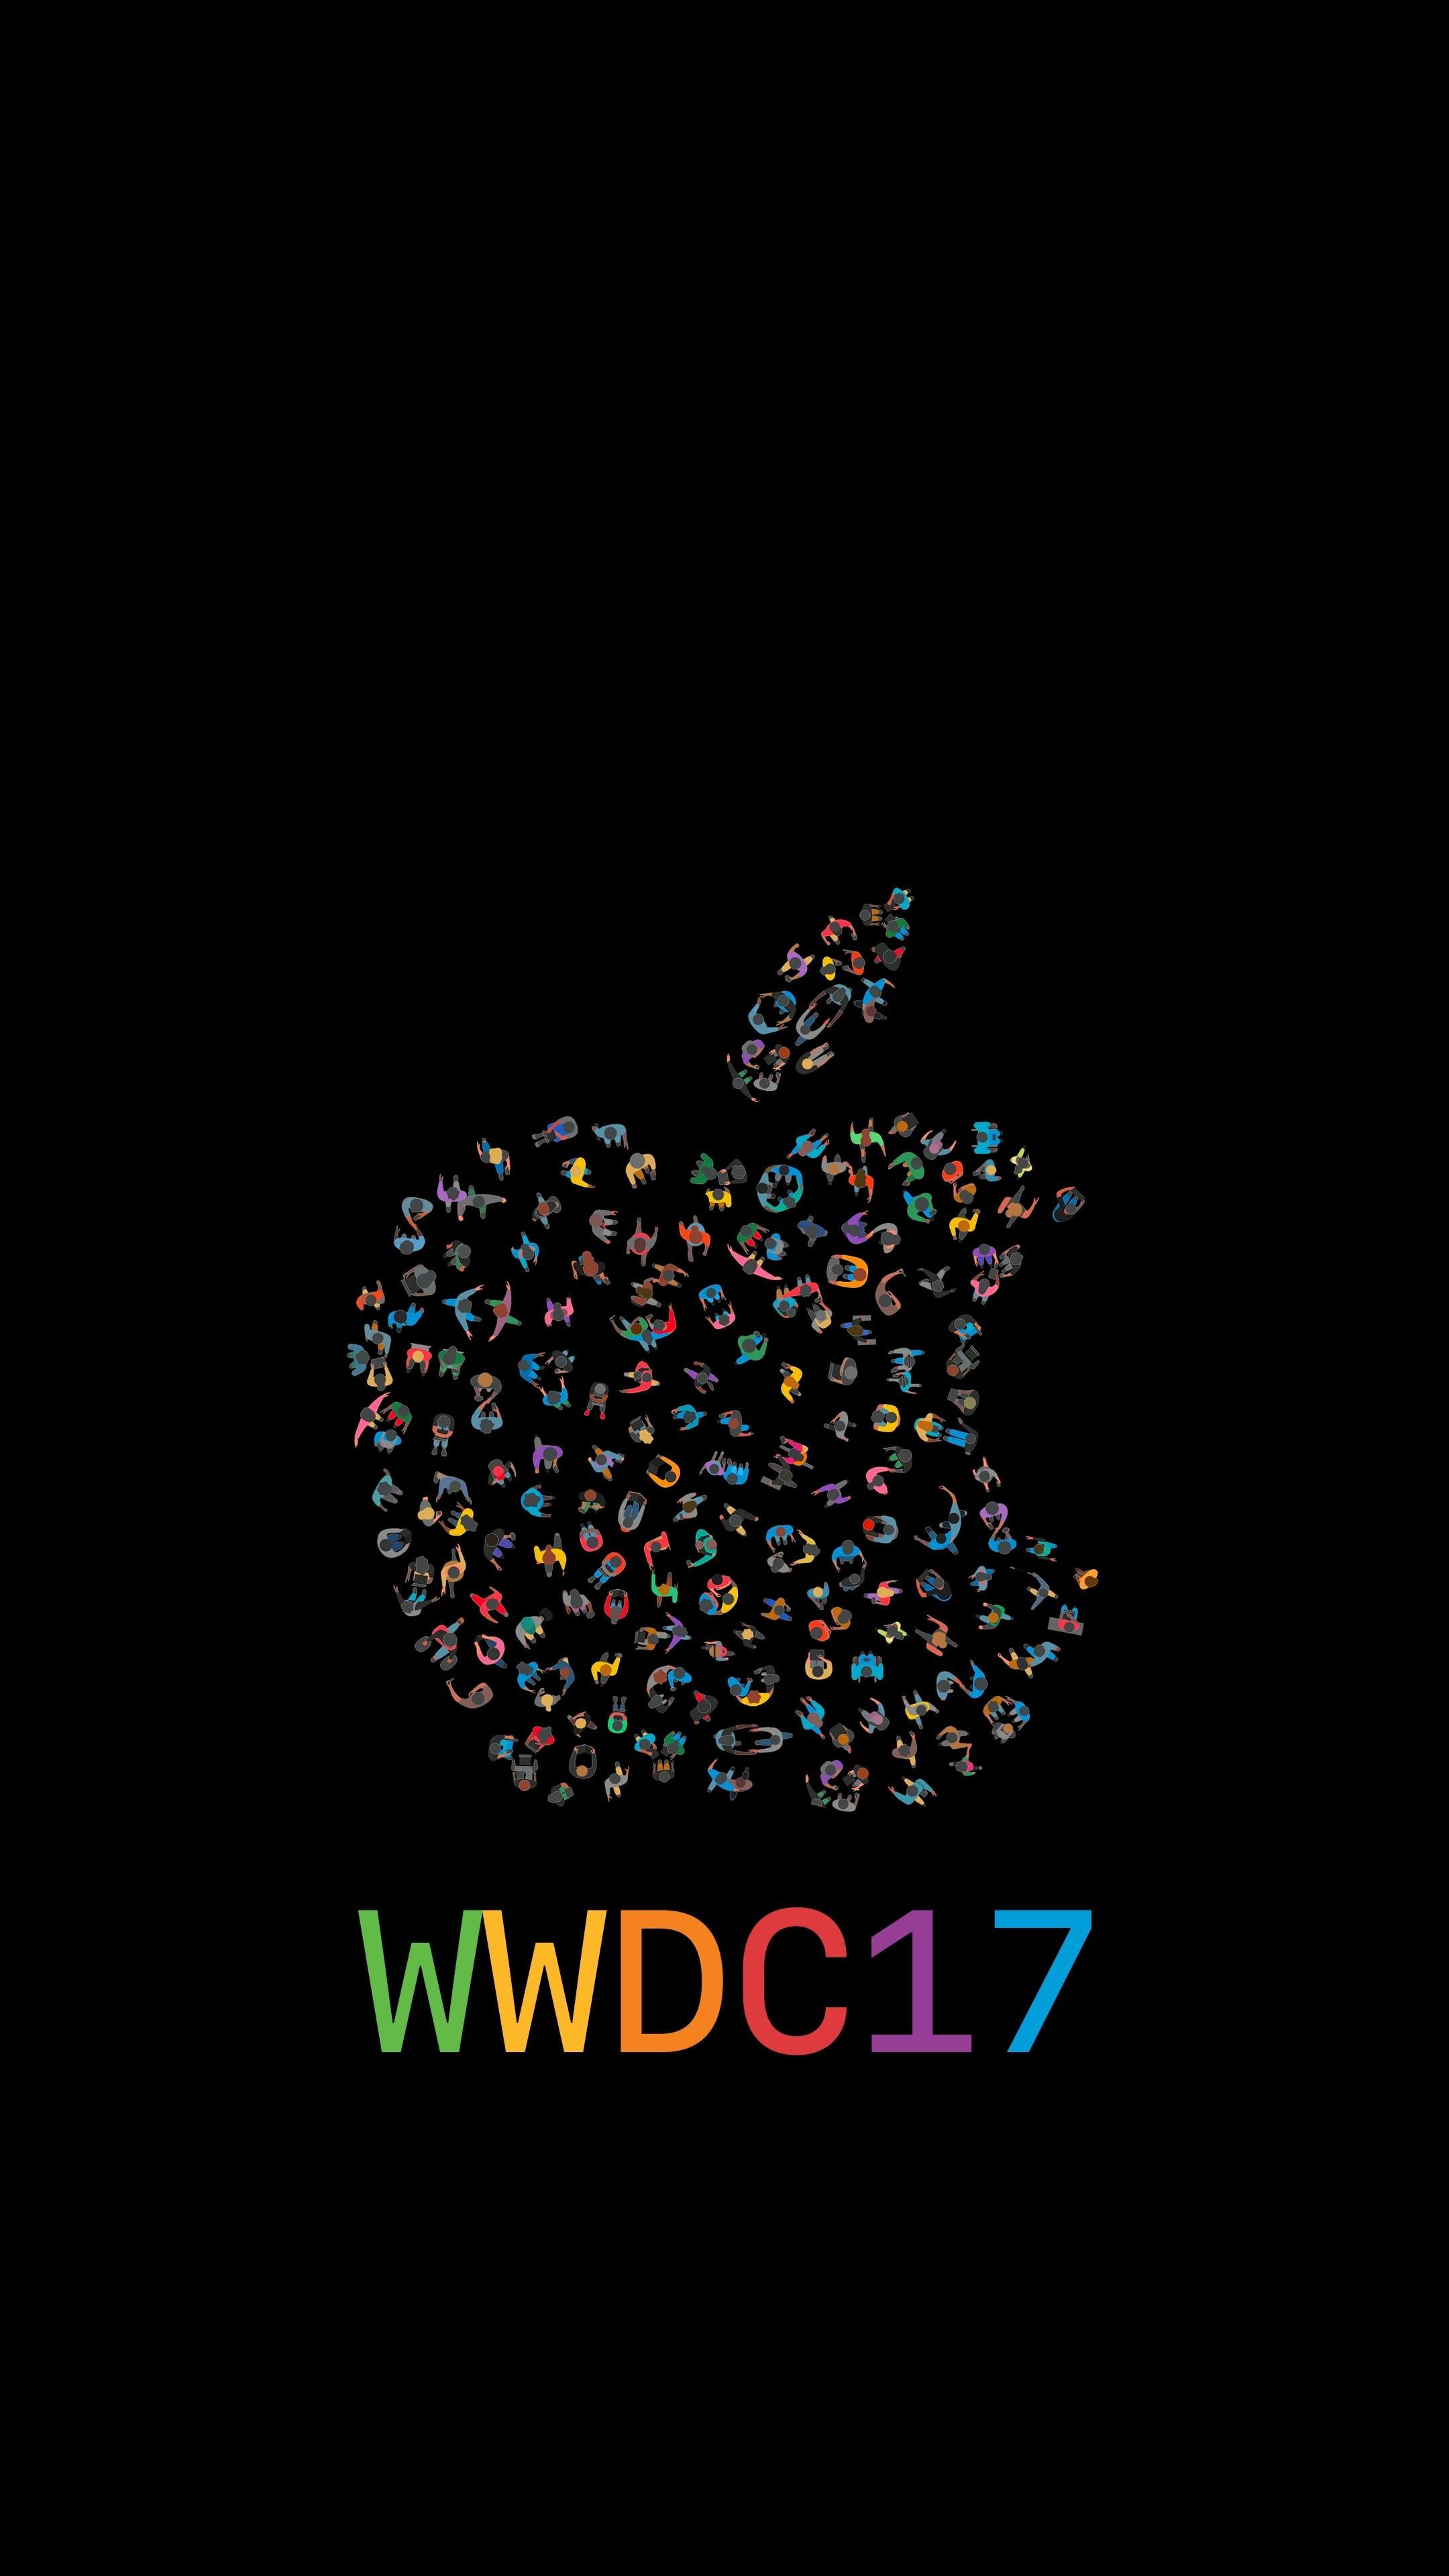 Los fondos de pantalla del wwdc 2017 for Imagen para fondos de pantallas